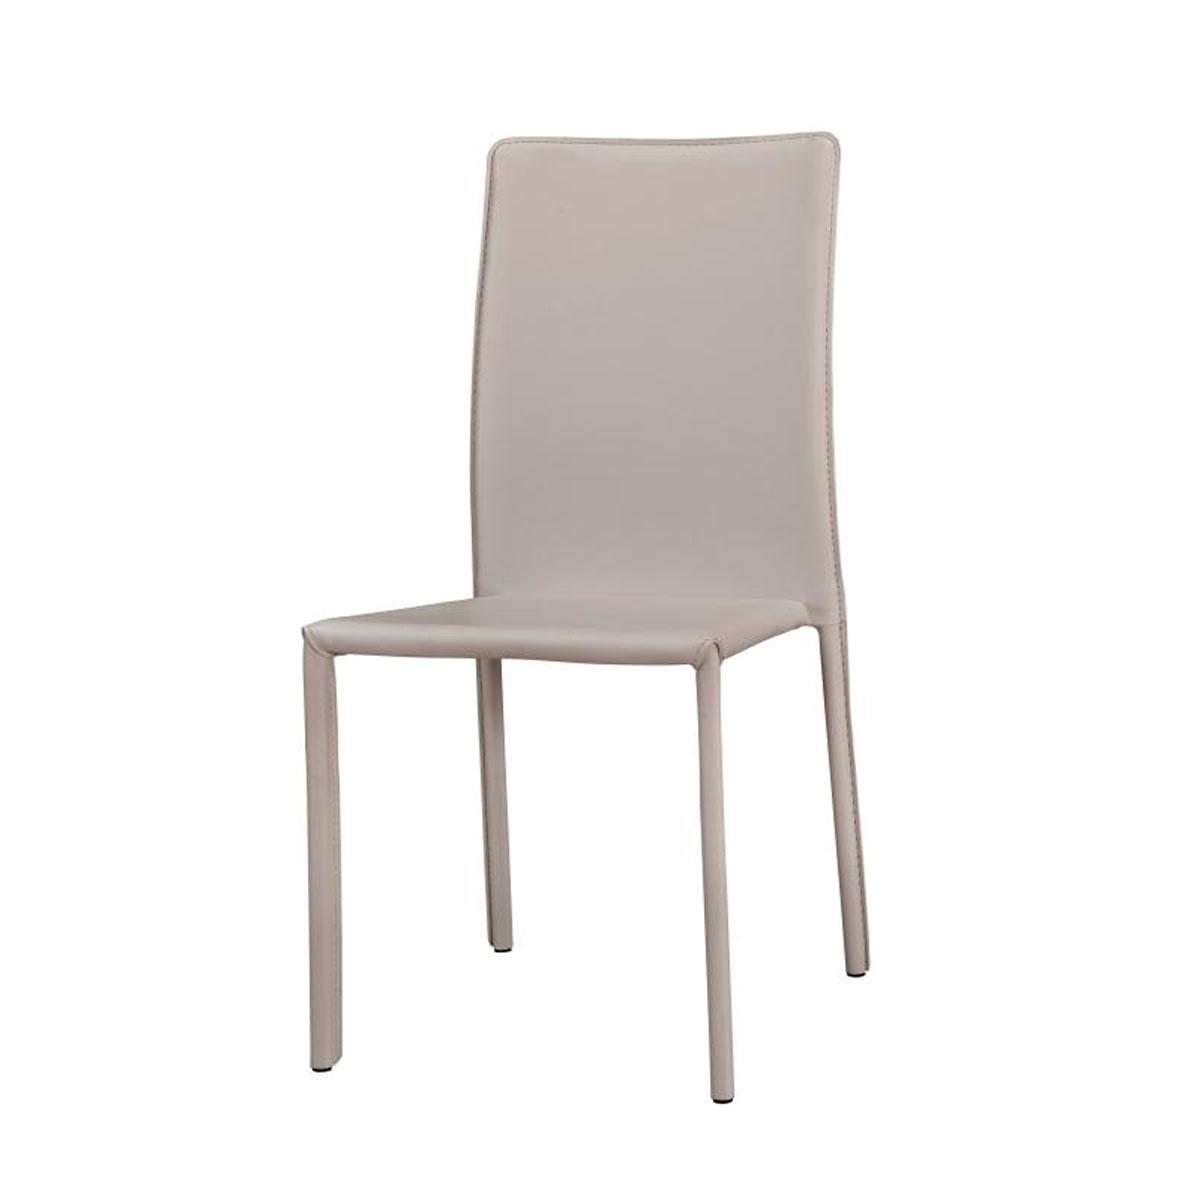 כיסא לפינת אוכל בריפוד דמוי עור קשיח ועמיד BRADEX - תמונה 2